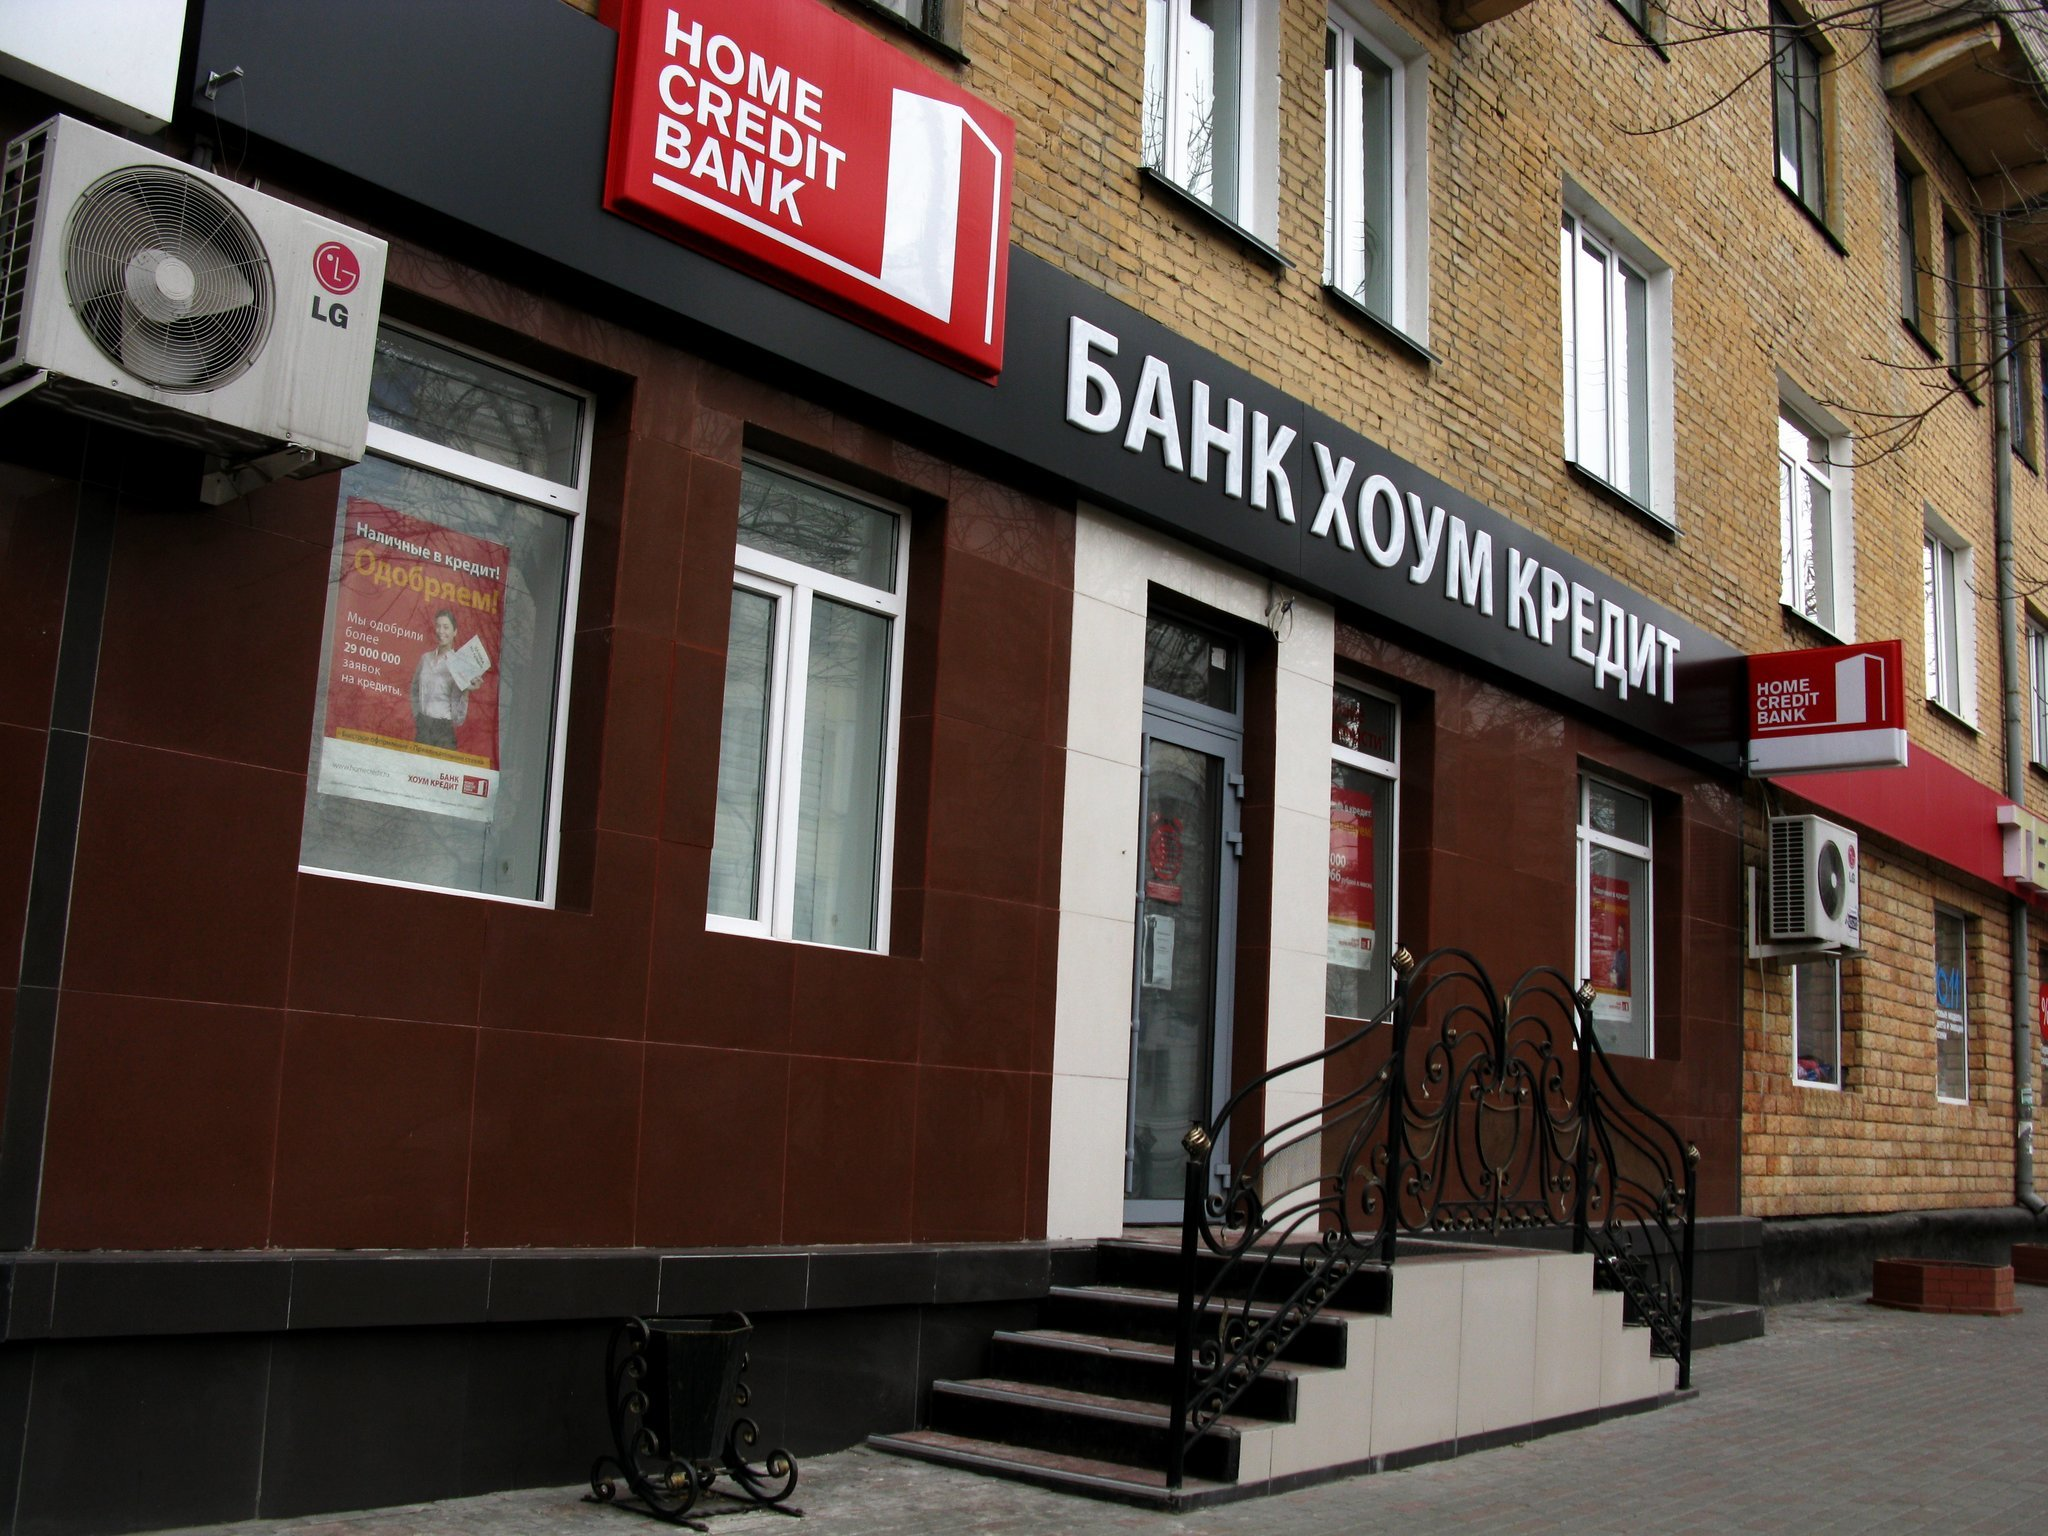 Home credit bank потребительский кредит условия